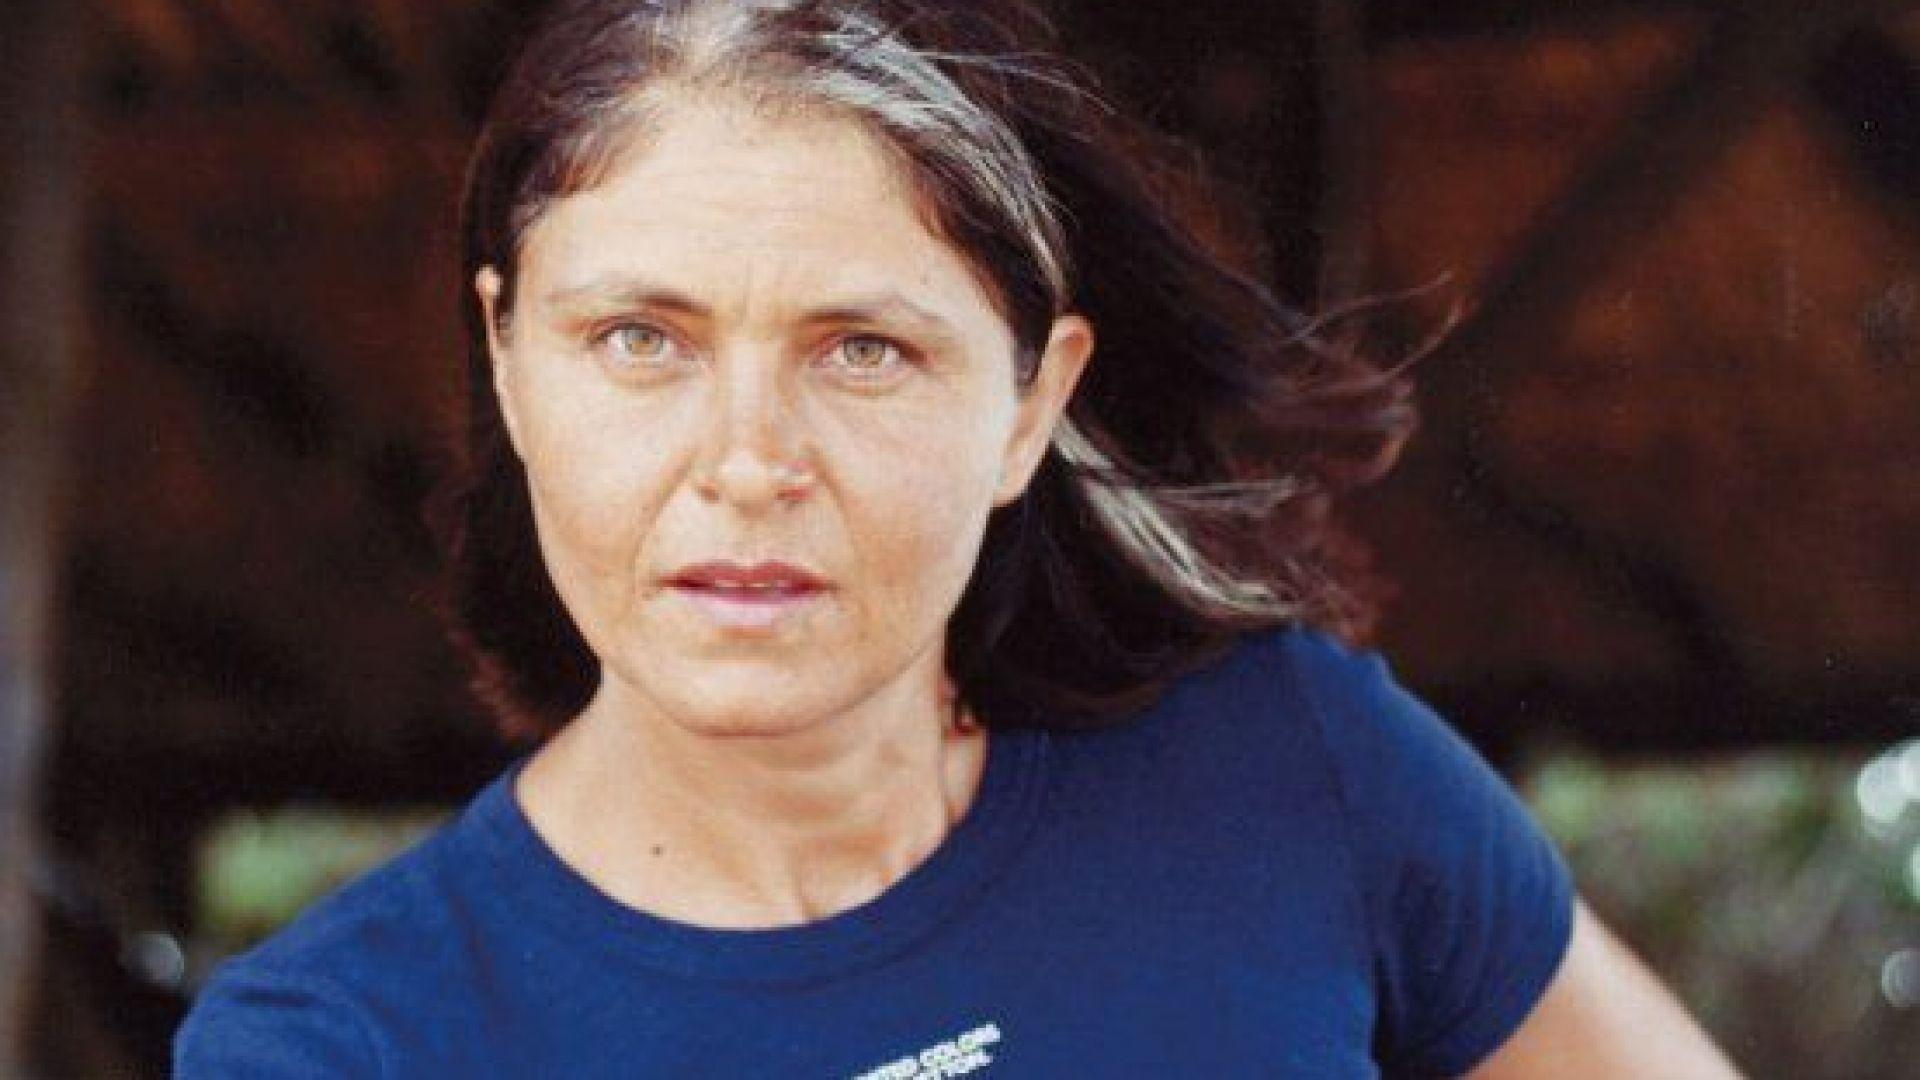 Виргиния Захариева към управляващите: Арогантни сте, вярвате, че обществените блага ви принадлежат!